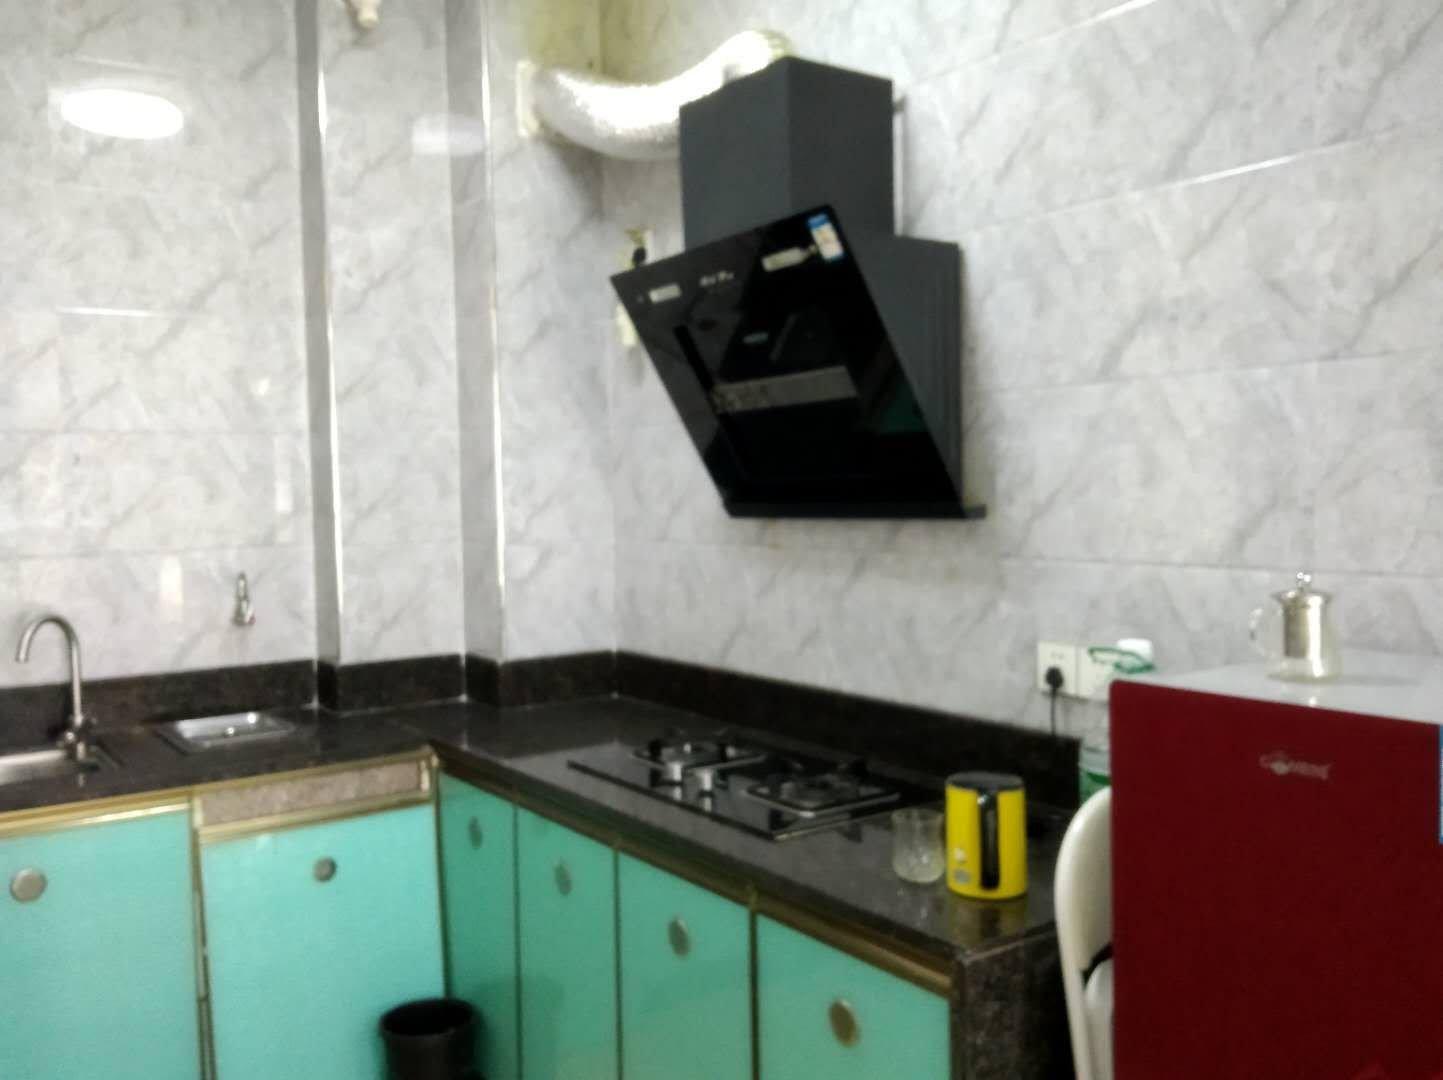 普宁市40000元房源图片